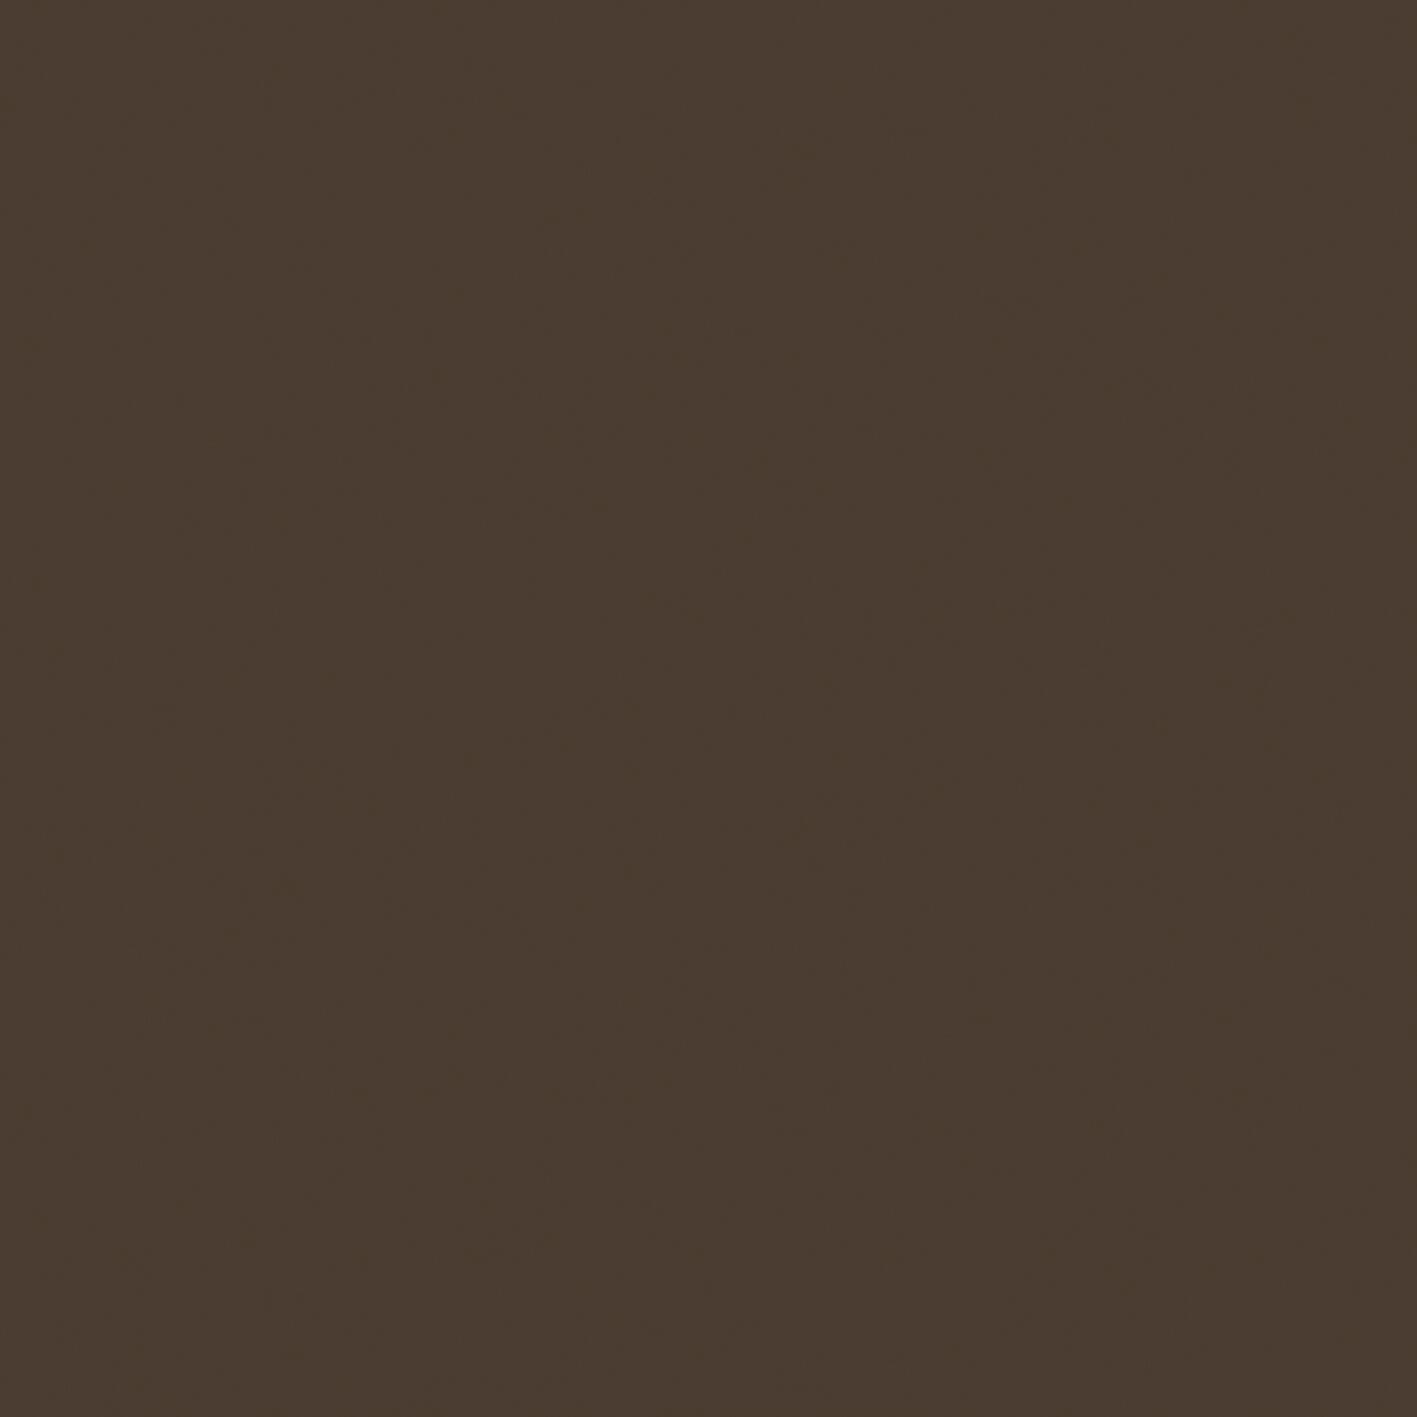 Smalto spray LUXENS Deco marrone cioccolato satinato 0.0075 L - 3